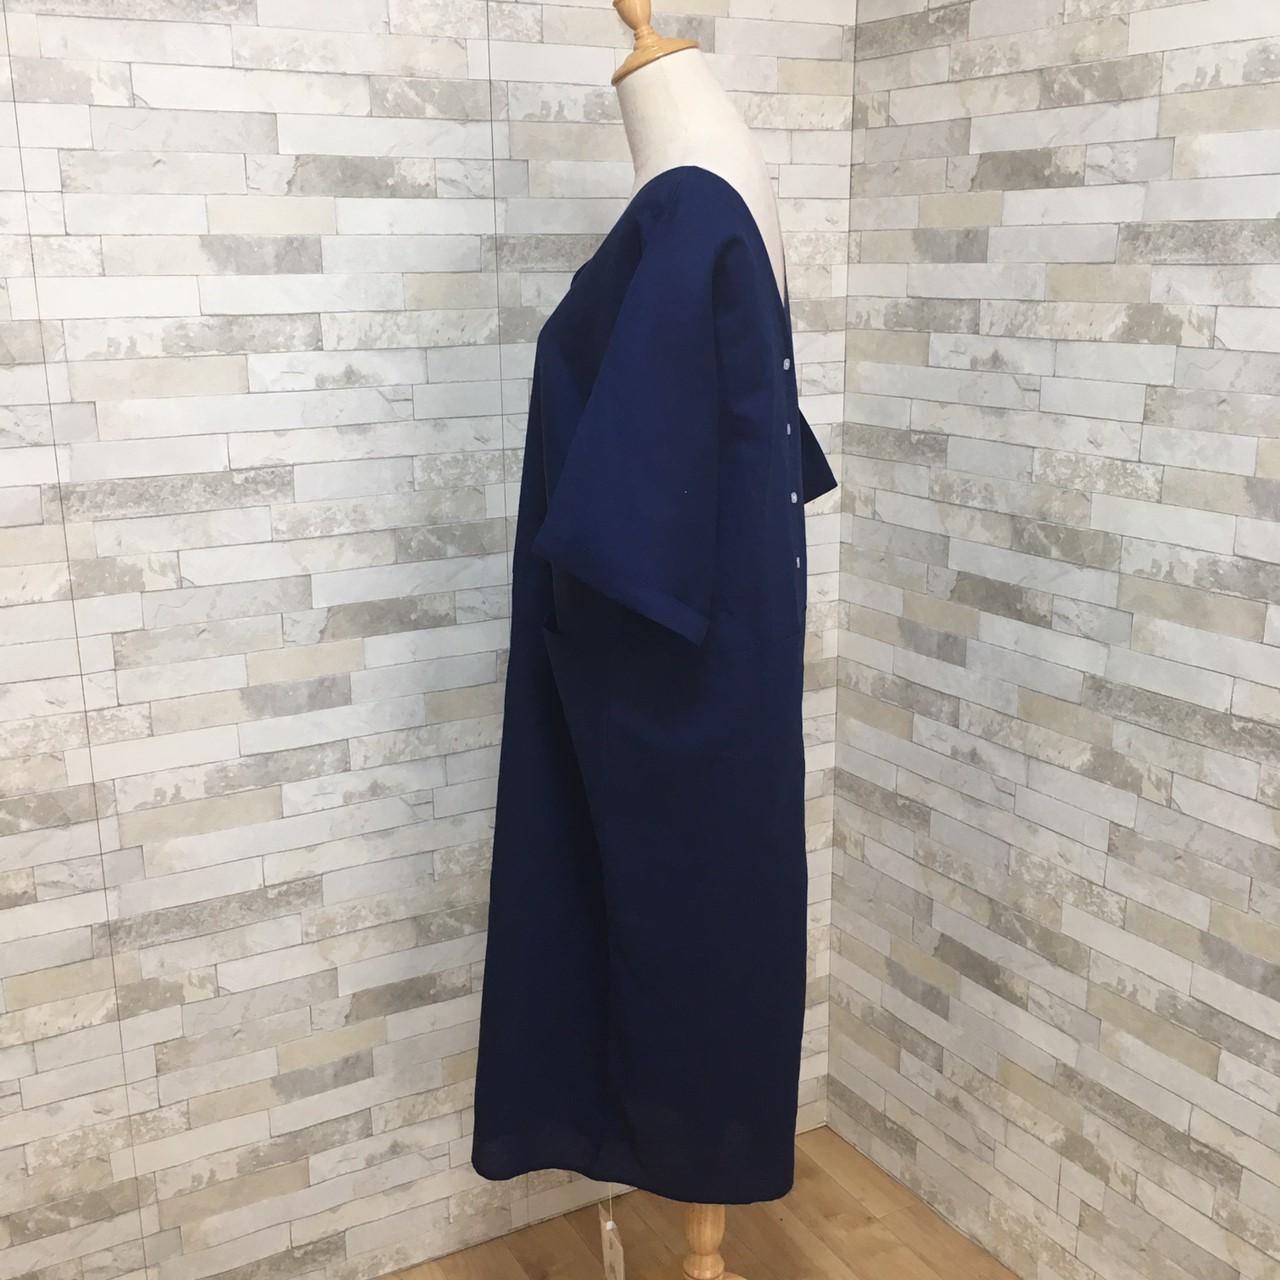 韓国 ファッション ワンピース 春 夏 秋 カジュアル PTXG330  チュラルテイスト リゾートワンピース リネン風 オルチャン シンプル 定番 セレカジの写真17枚目